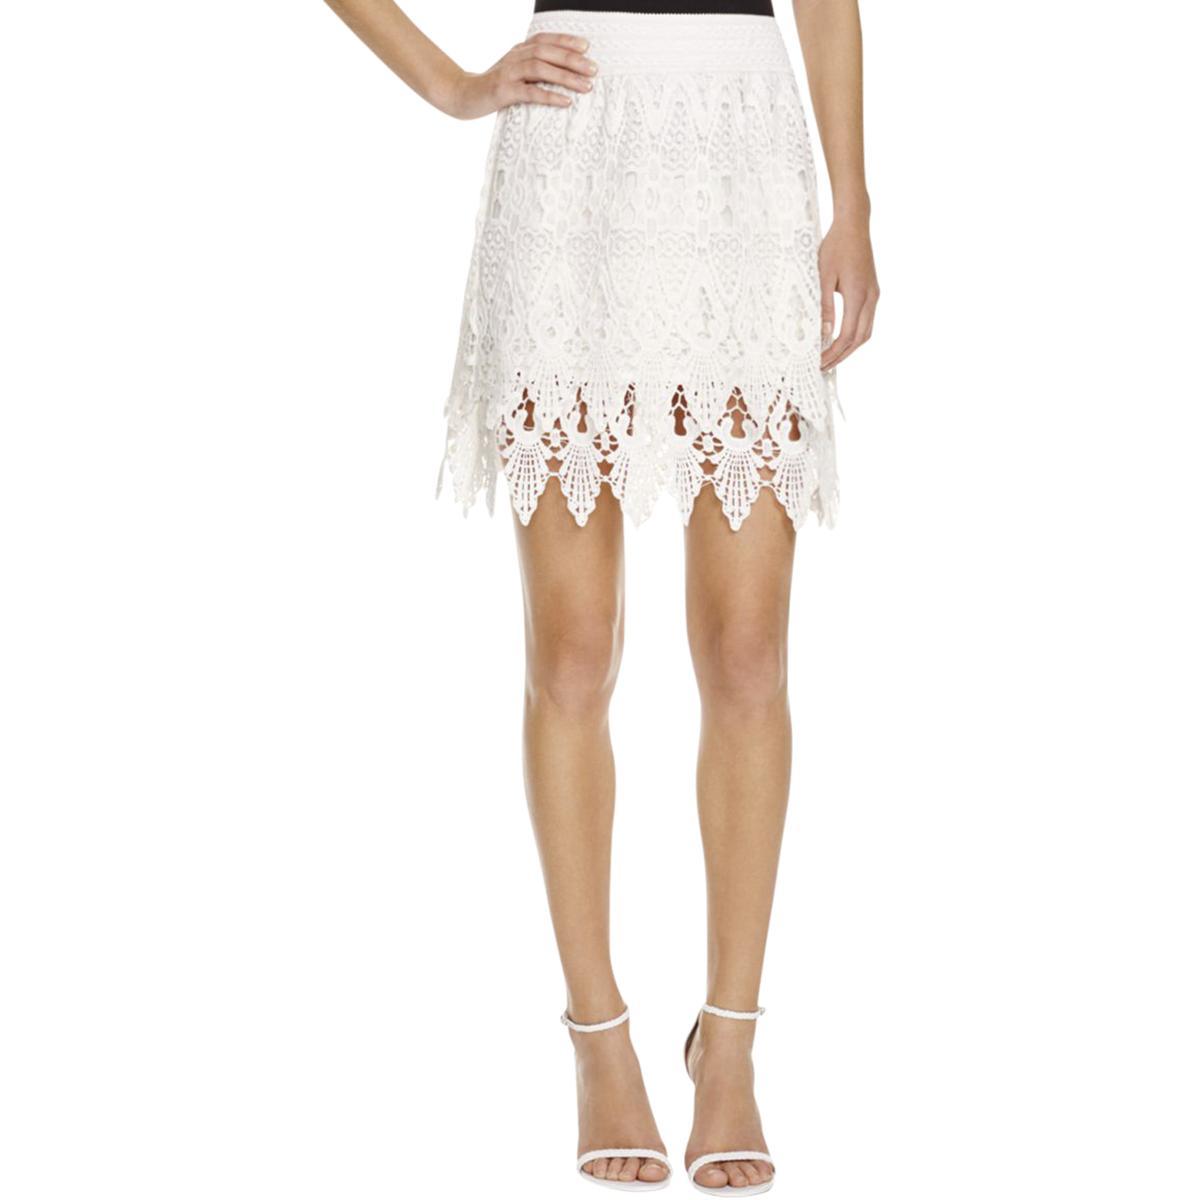 Boho Skirt S BHFO 1092 Rahi Cali Womens White Mini Casual Embroidered Peasant